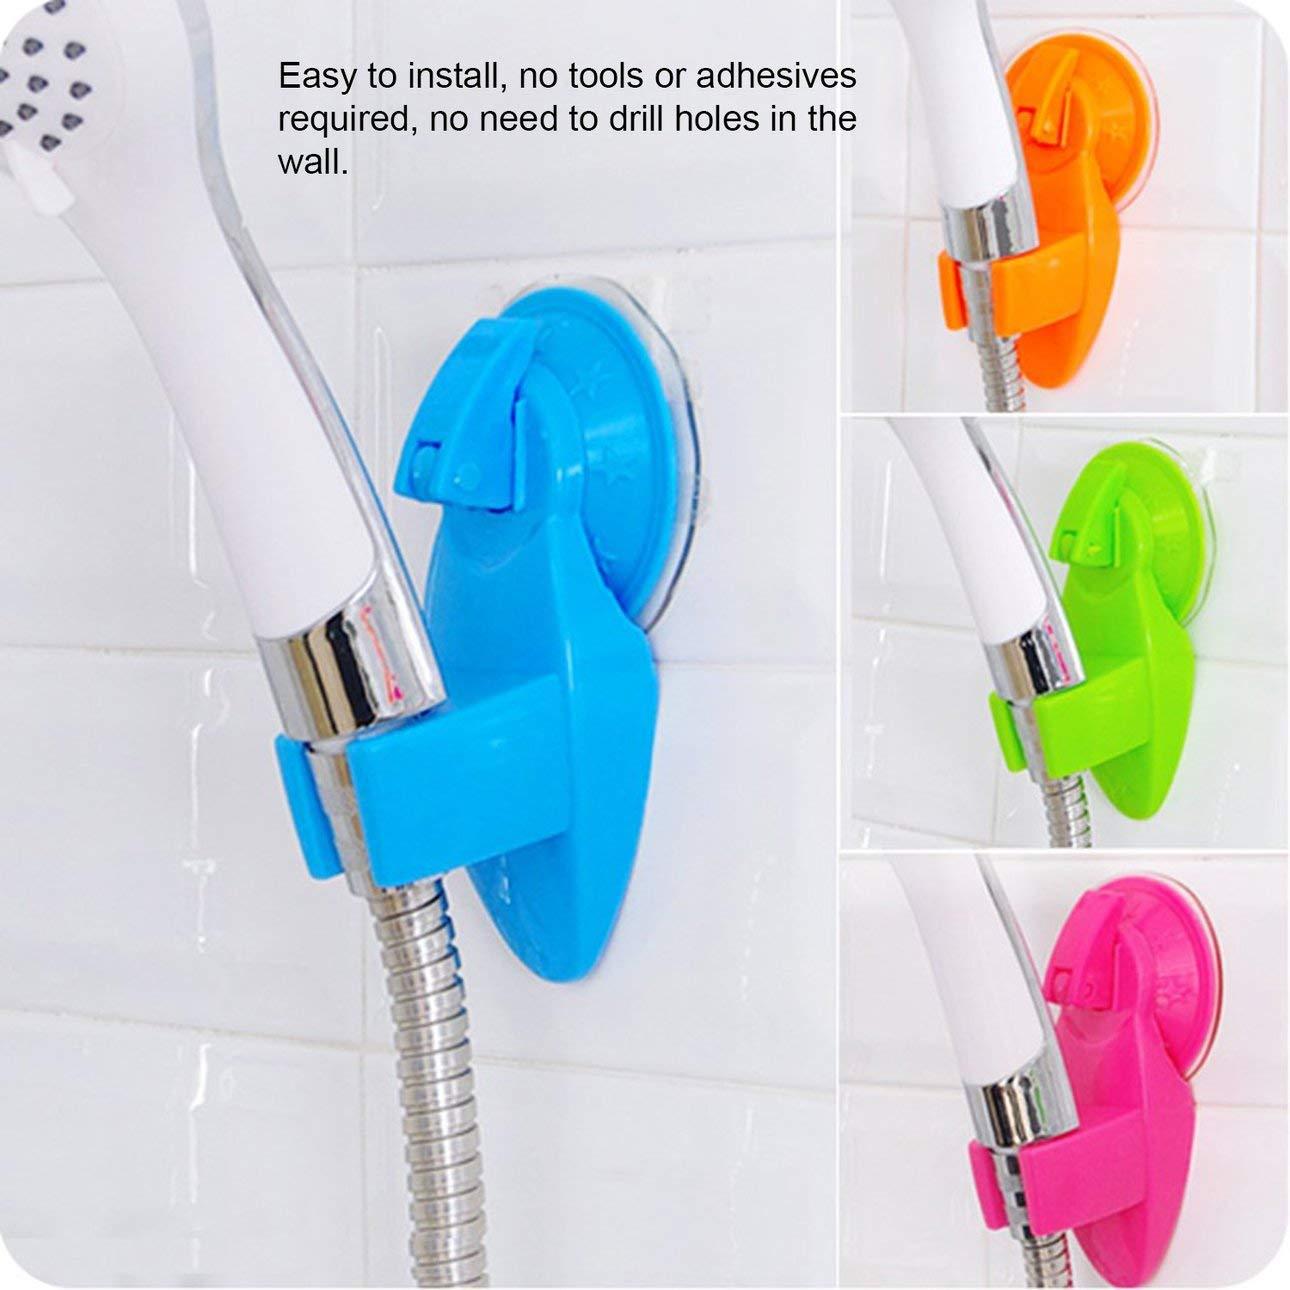 Ballylelly Robusta ventosa Base di fissaggio per doccia Supporto per soffione doccia Staffa per rack Pratico supporto per ugello per doccia Accessori per il bagno